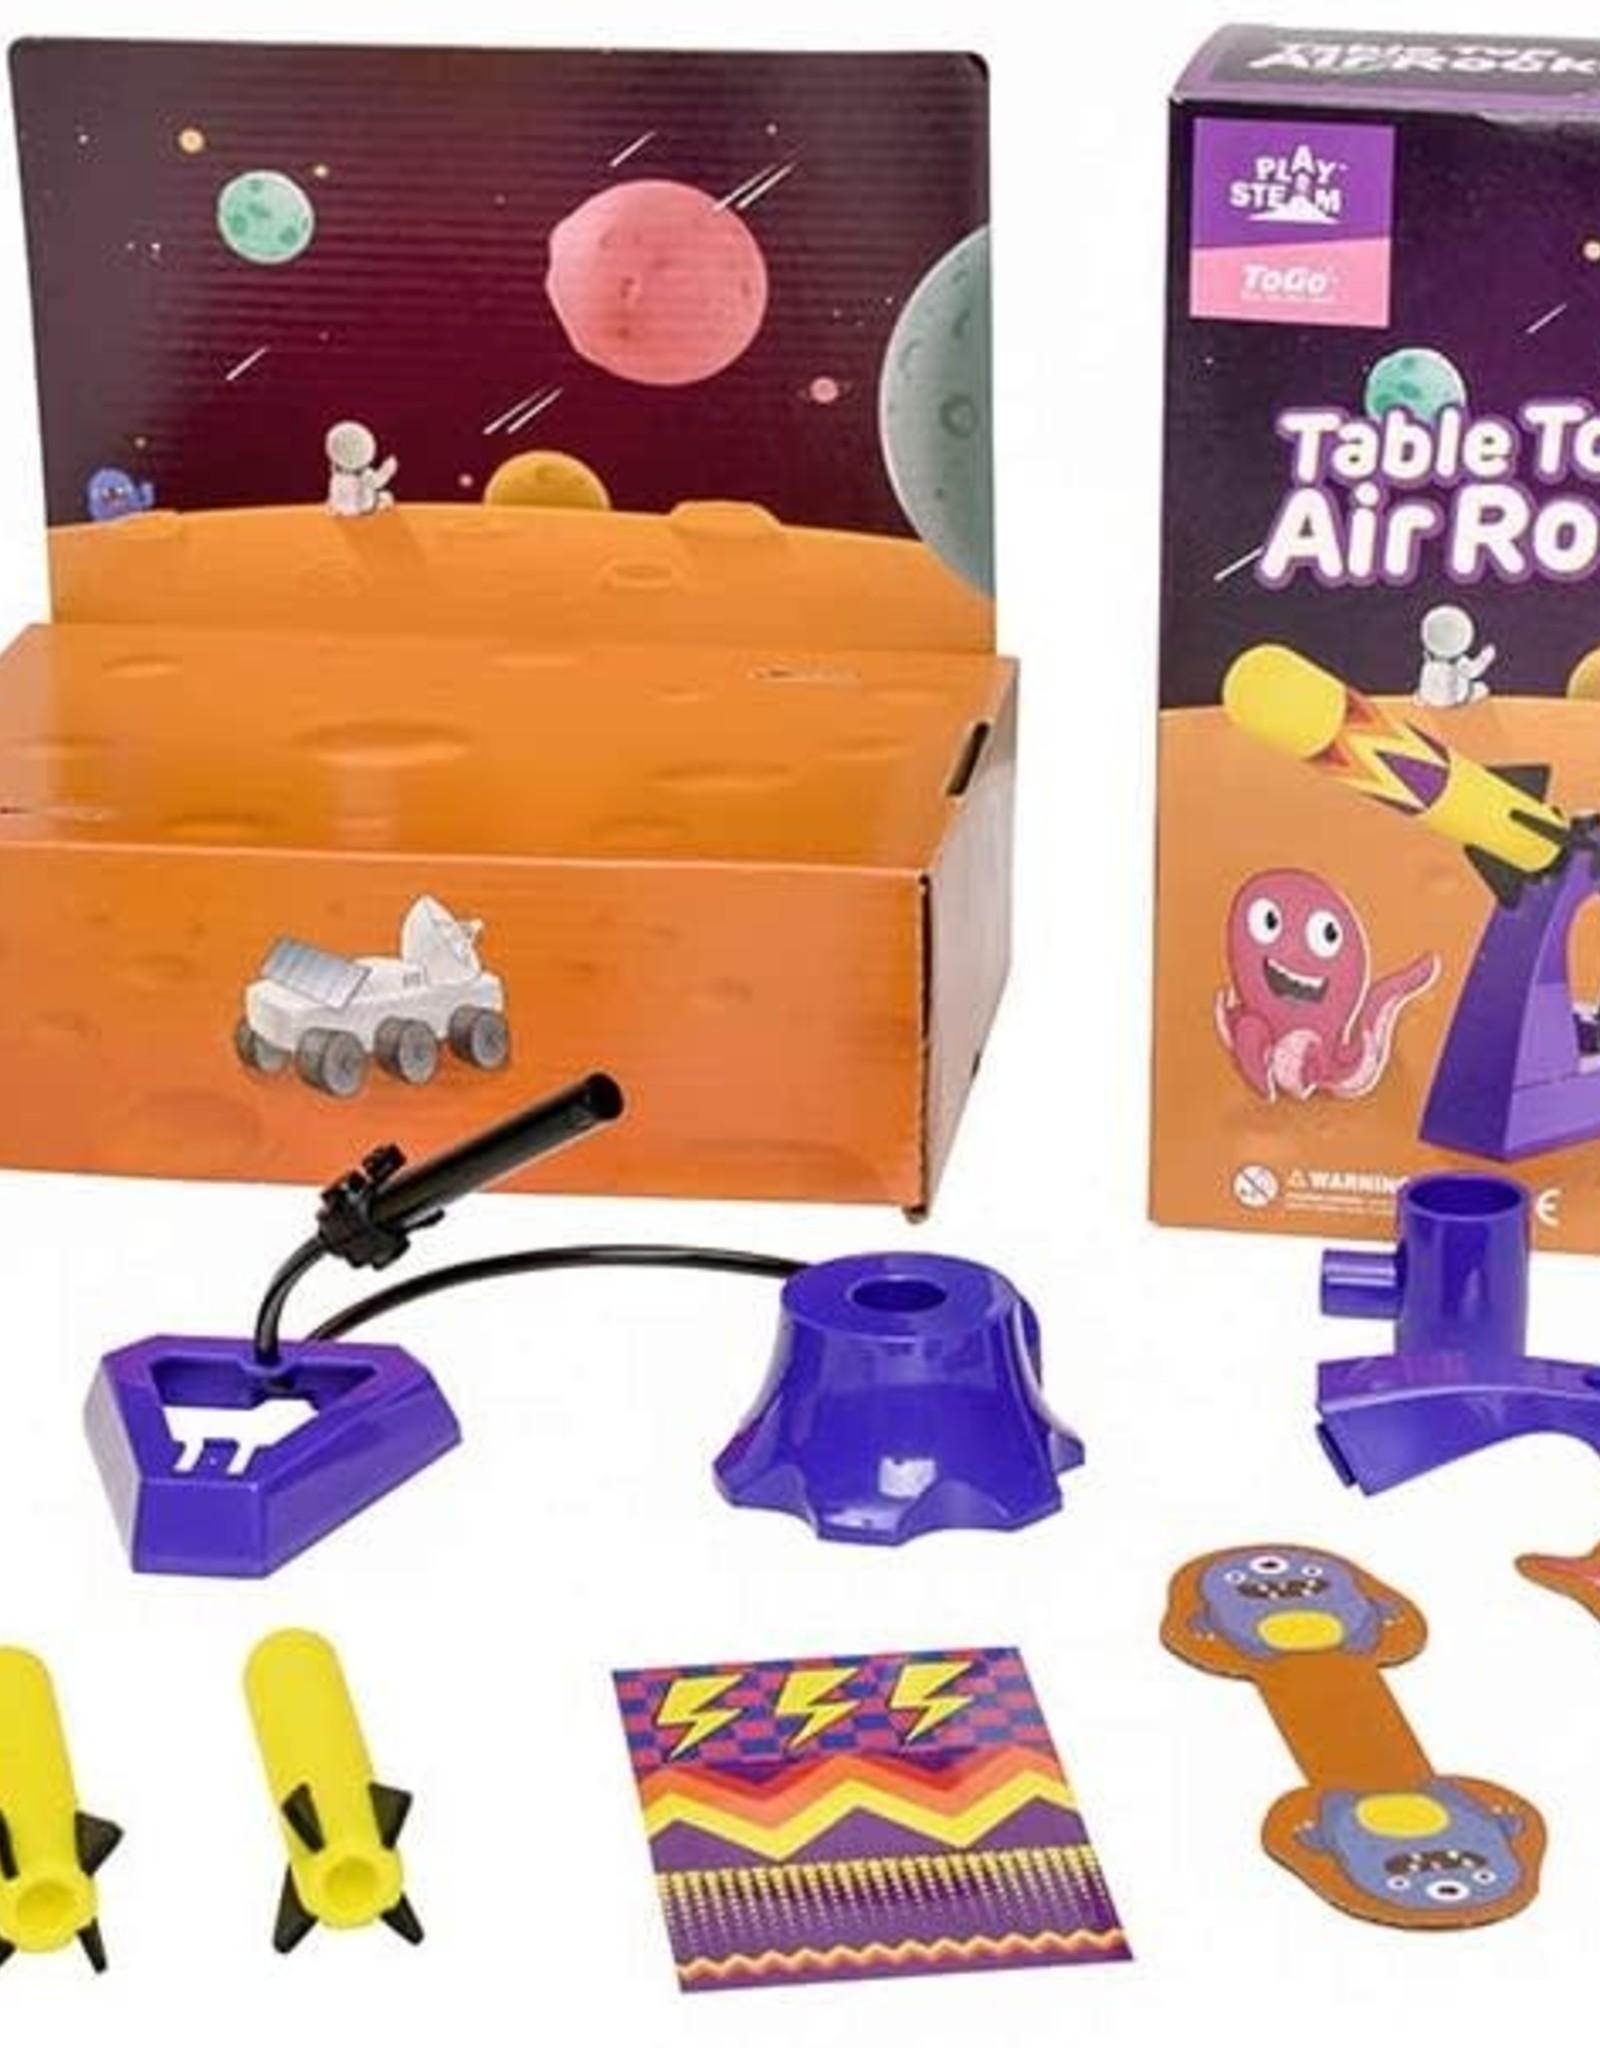 Play Steam Table Top Air Rocket